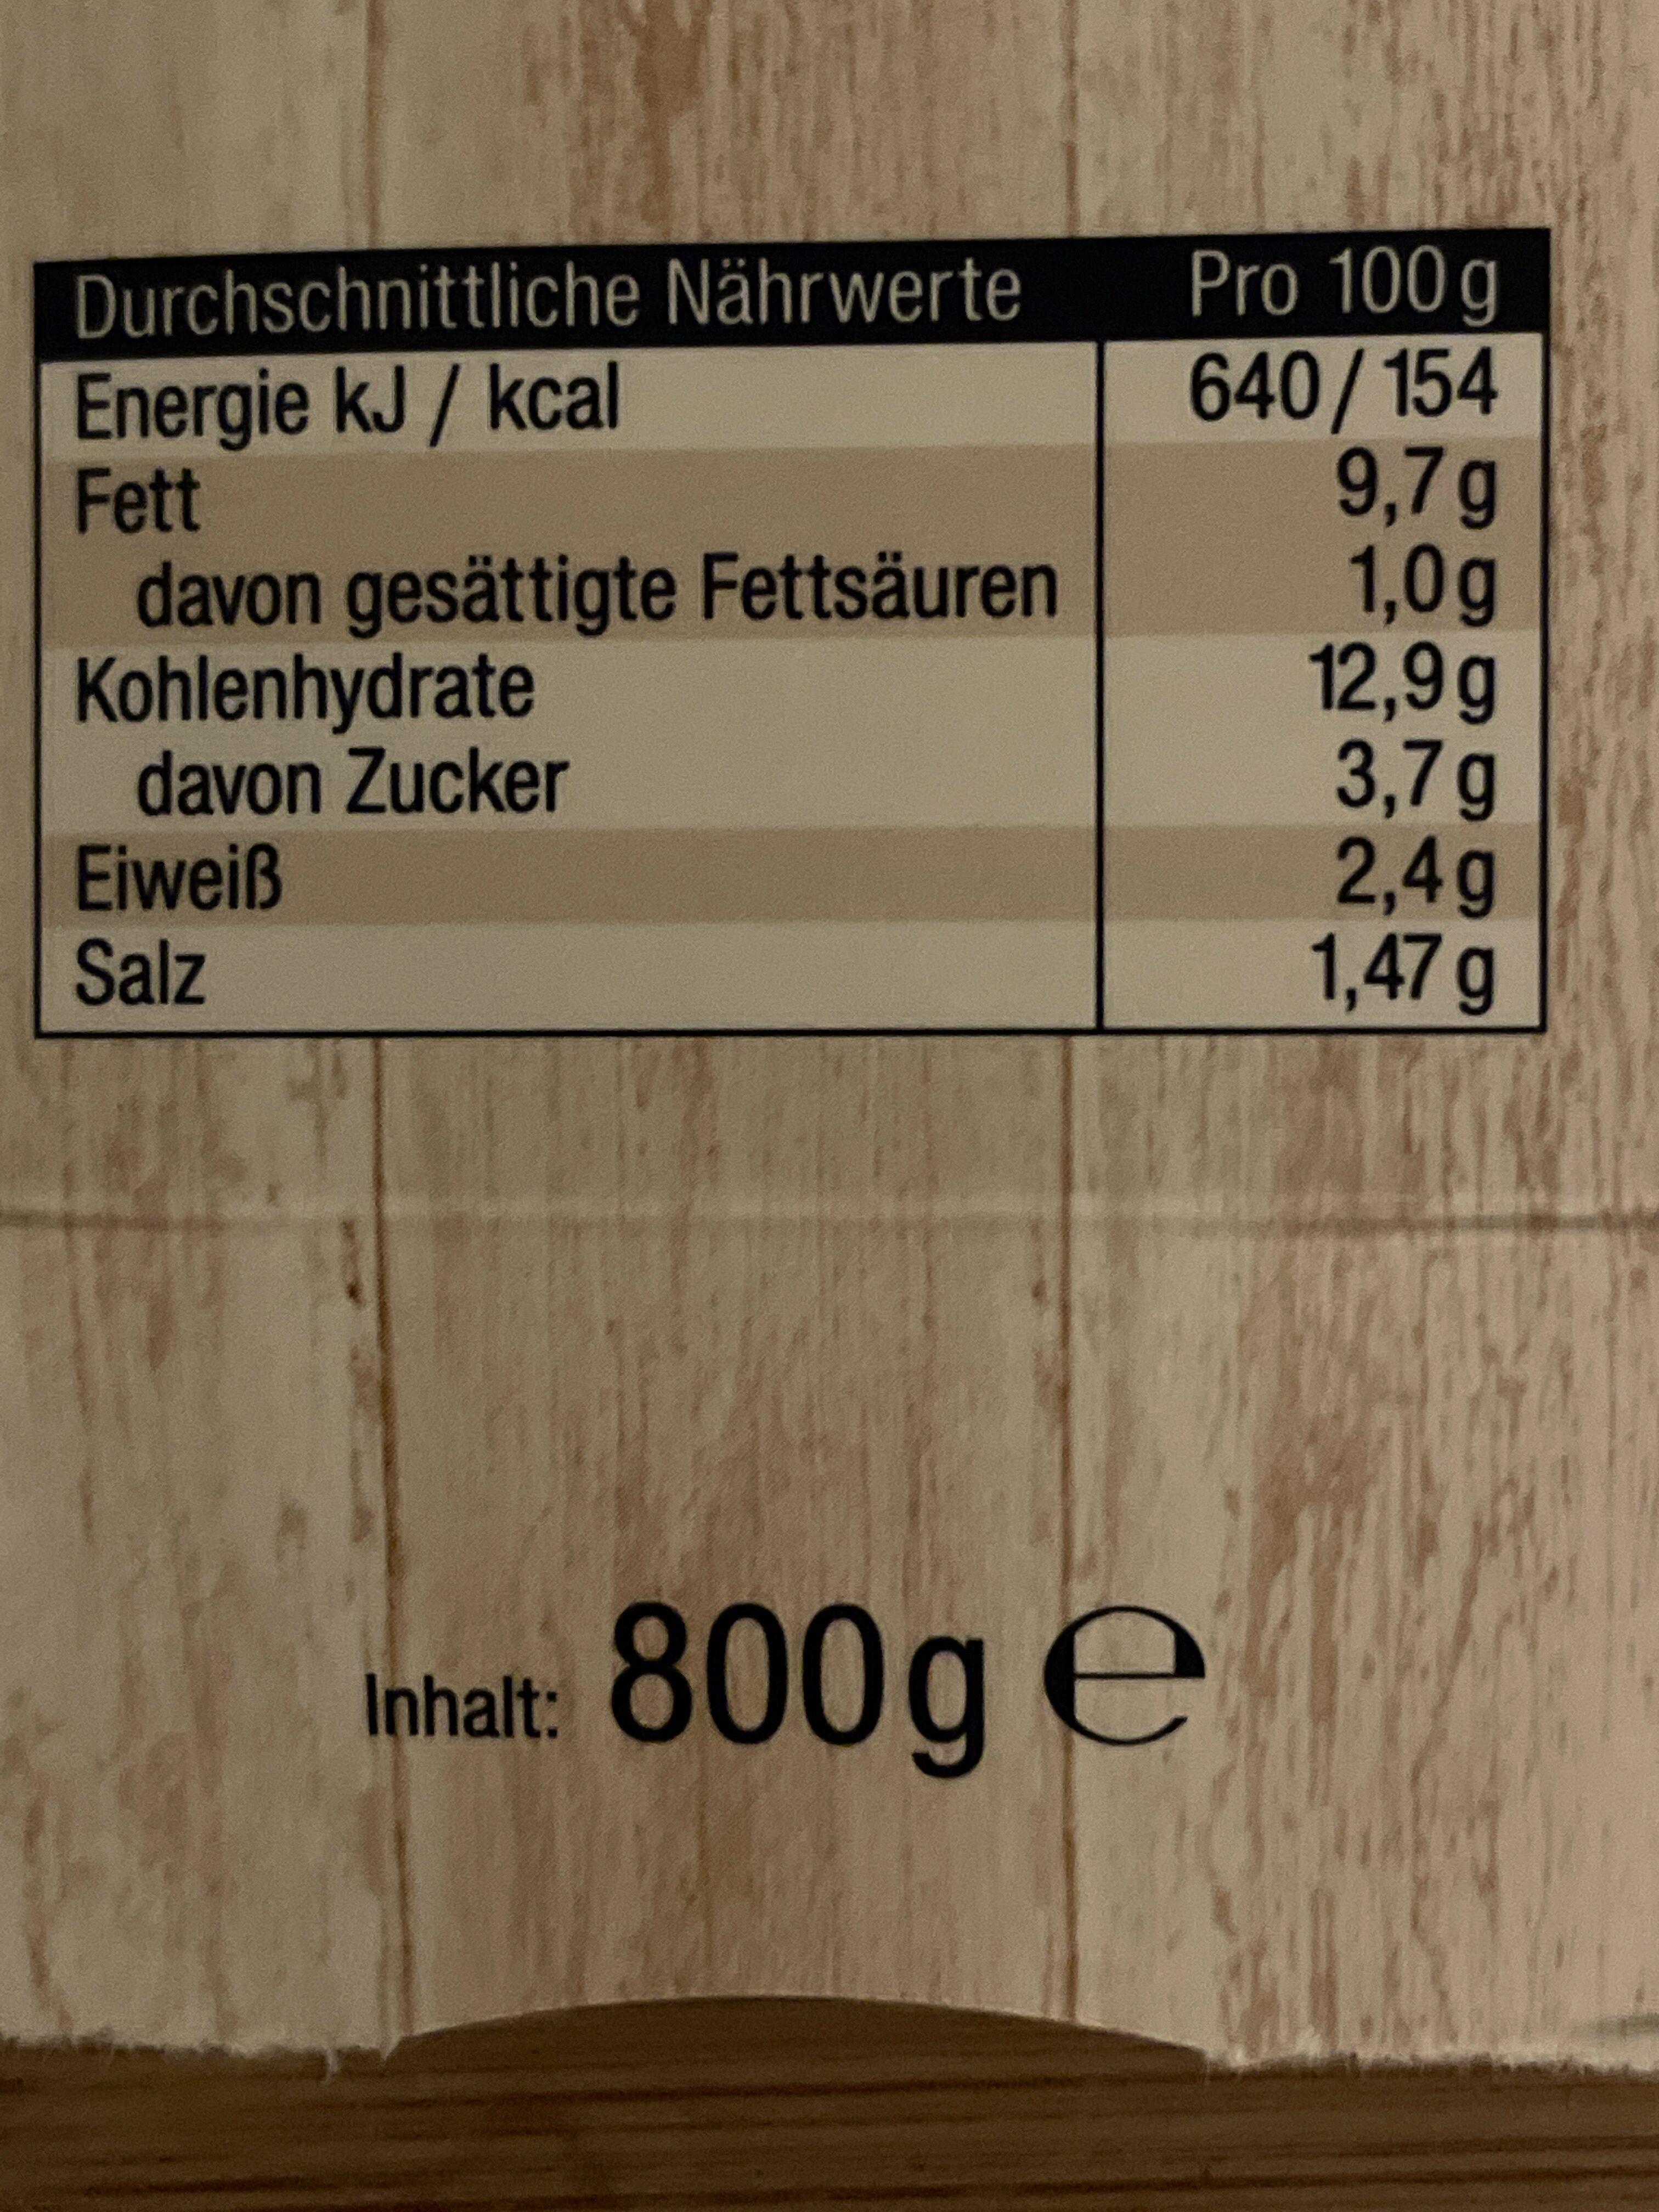 Feiner Pellkartoffel Salat - Informations nutritionnelles - de